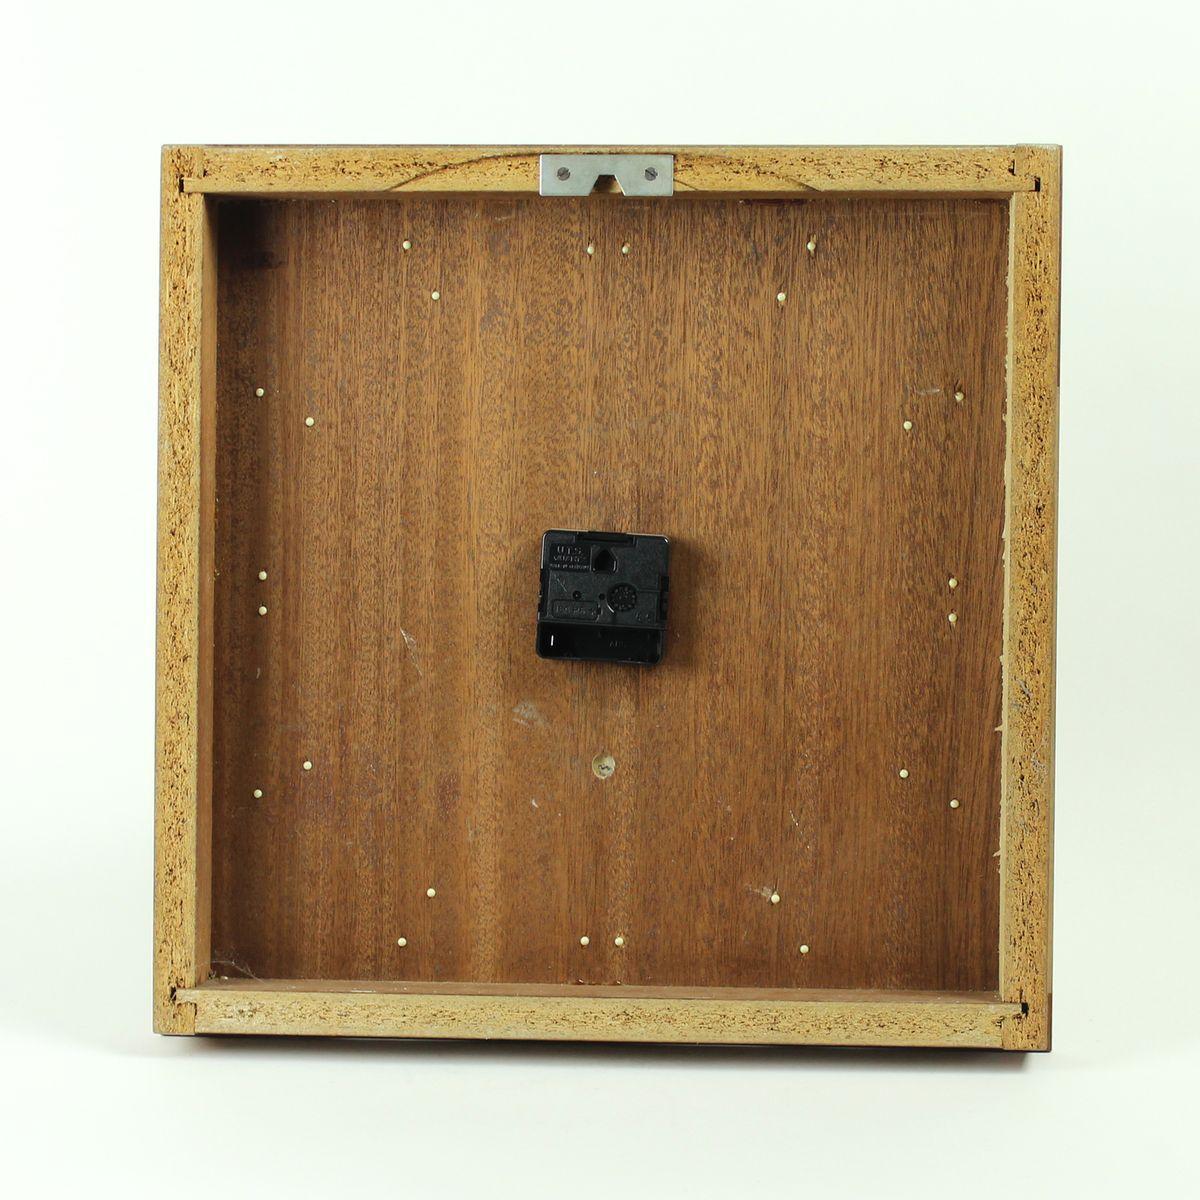 pph 410 uhr aus holz von pragotron 1970er bei pamono kaufen. Black Bedroom Furniture Sets. Home Design Ideas